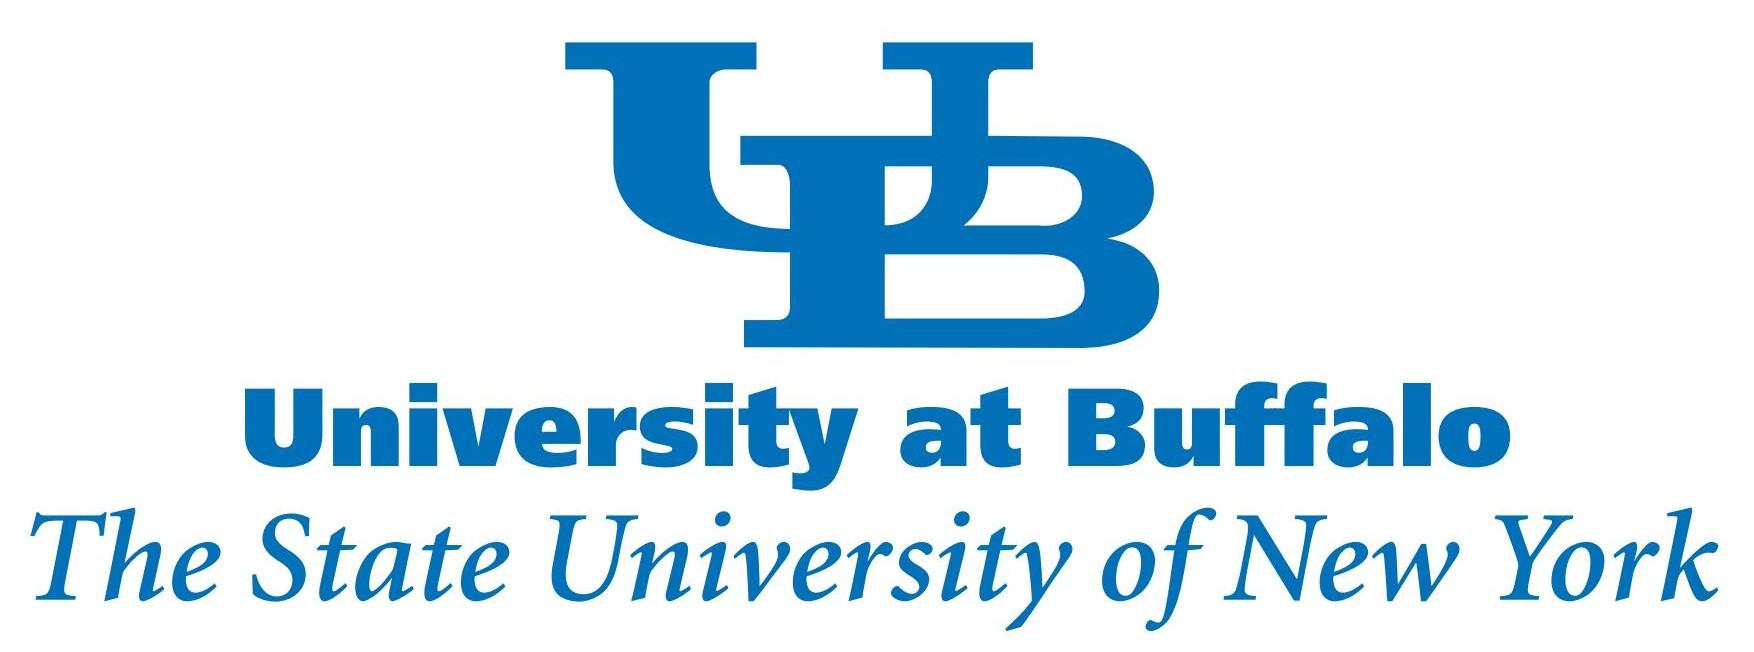 University-at-Buffalo-UB-logo.jpg